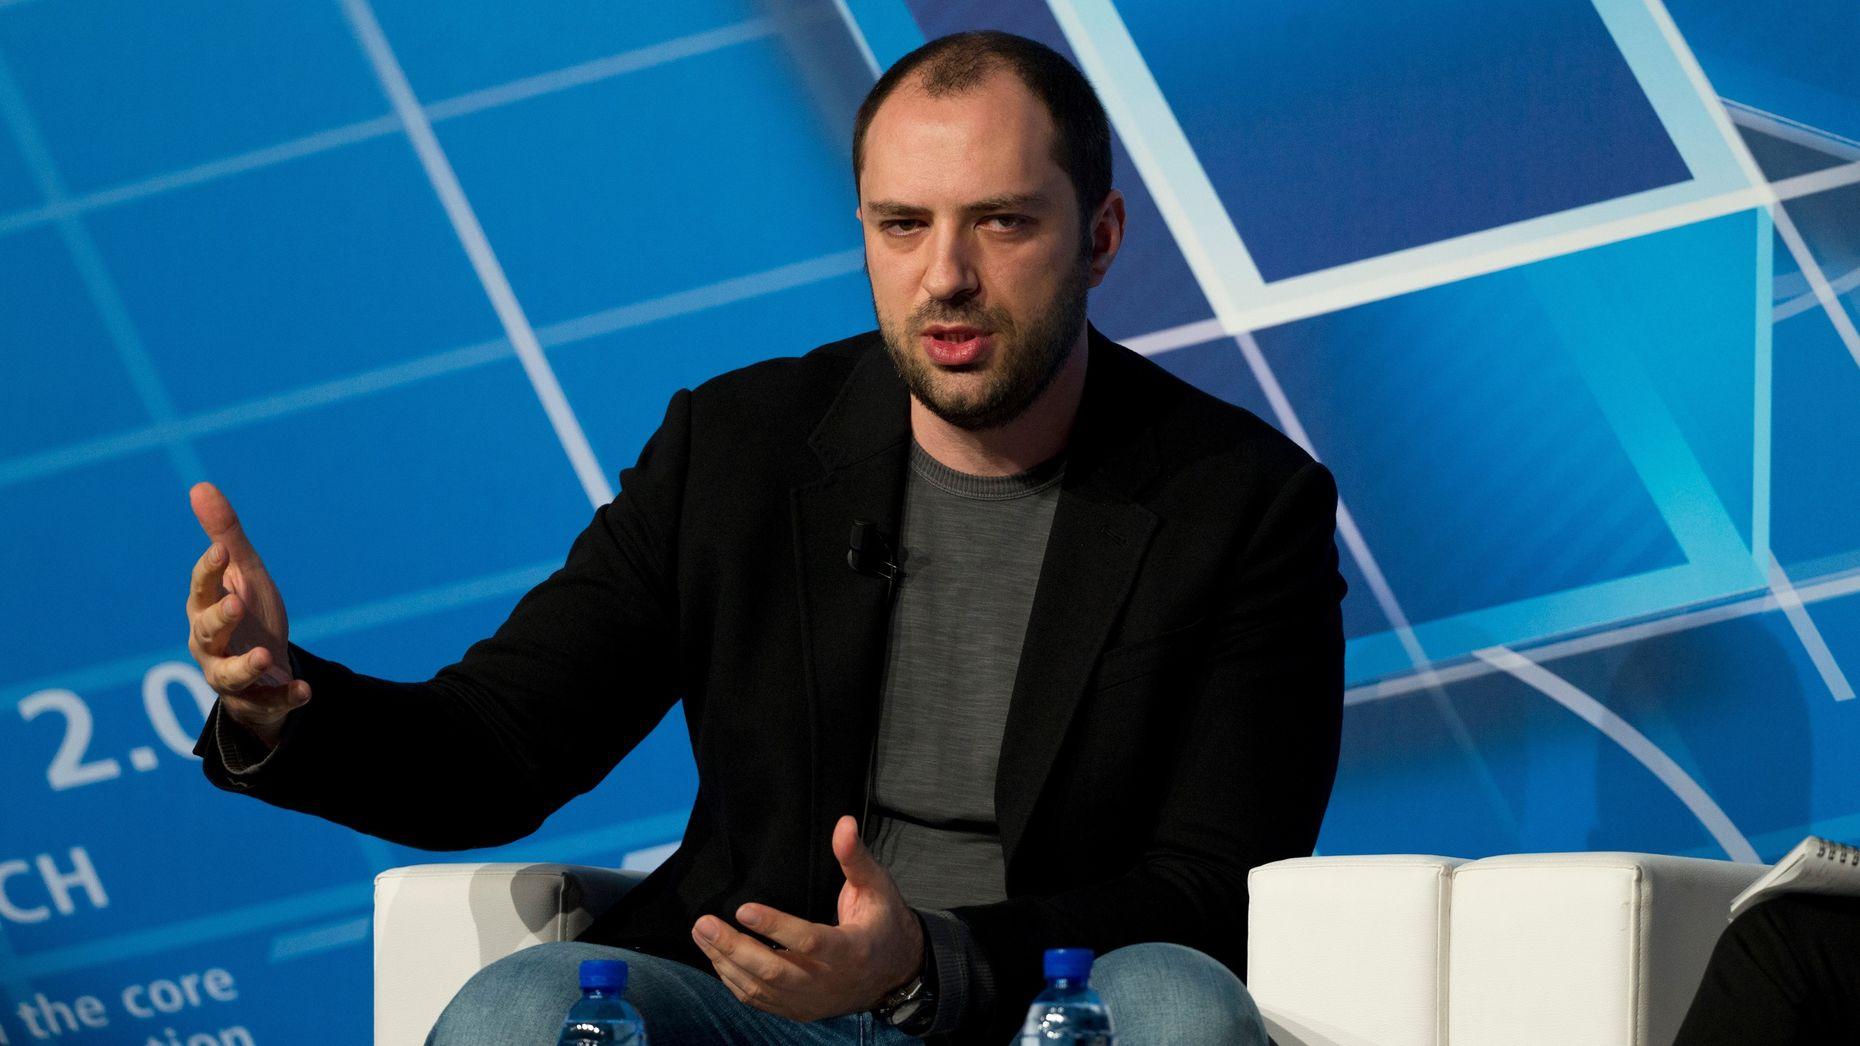 WhatsApp founder Jan Koum. Photo by Bloomberg.